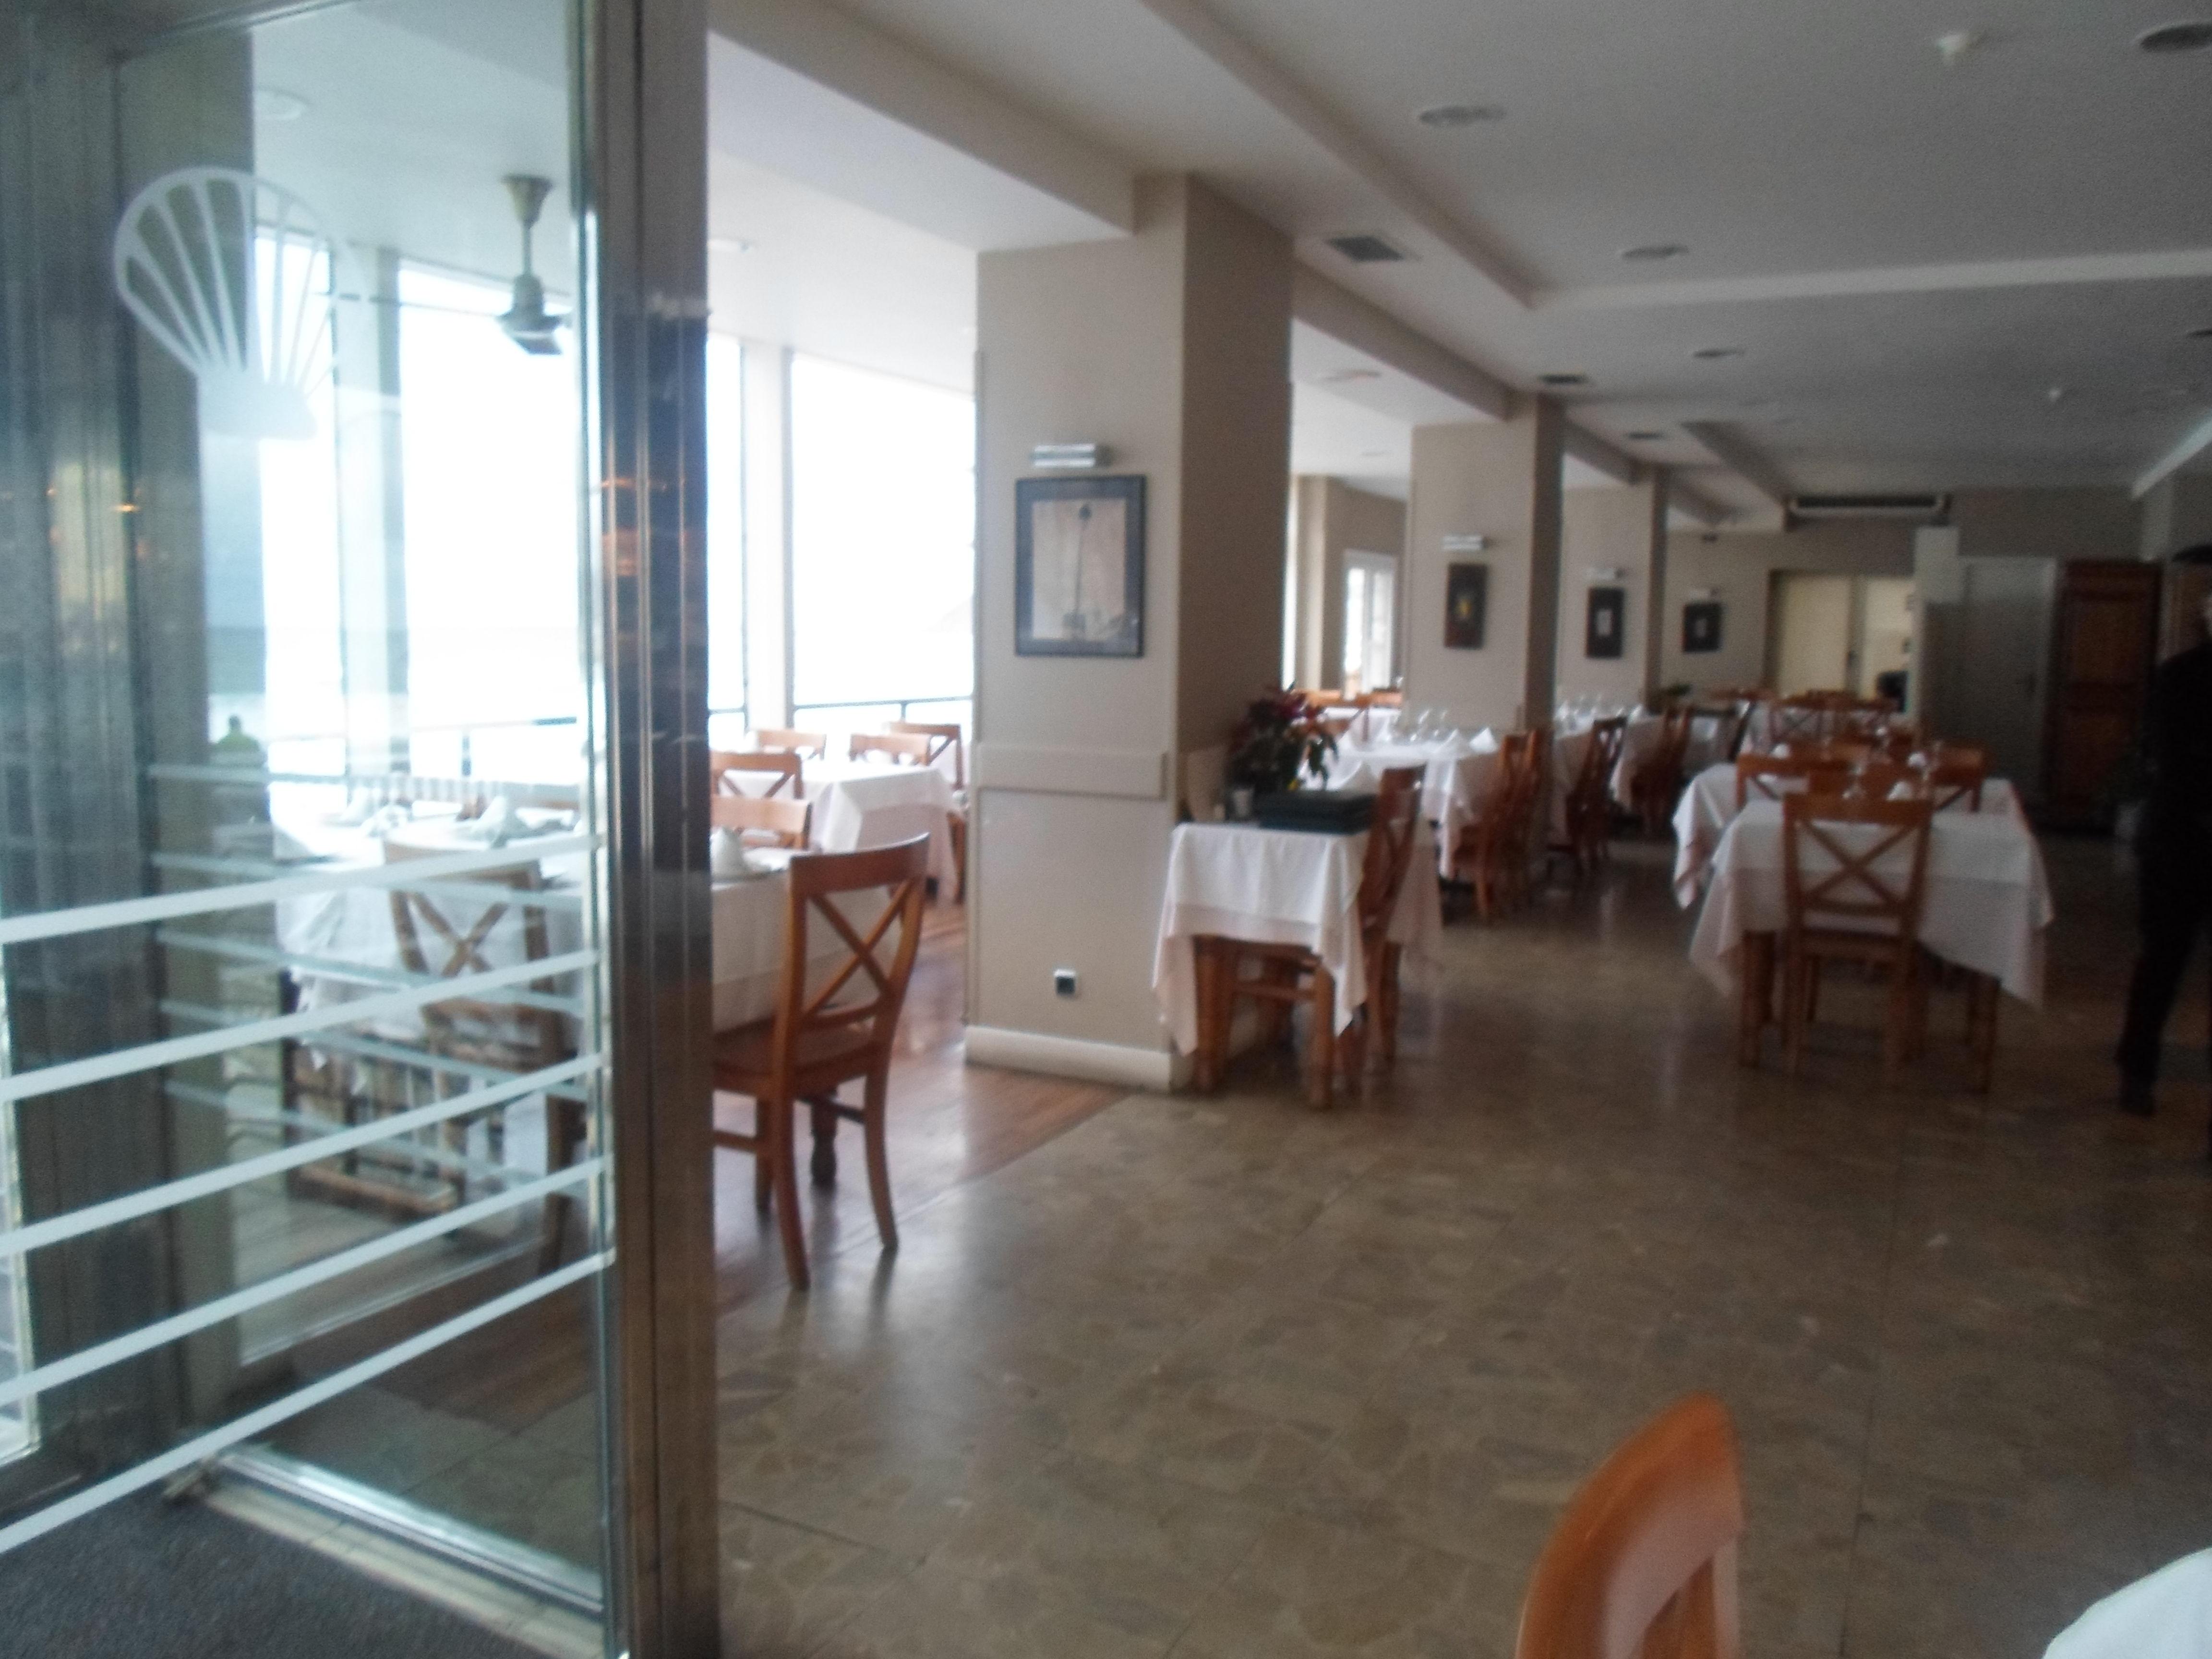 Foto 11 de Cocina vasca en Zarautz | Bar Restaurante Kulixka